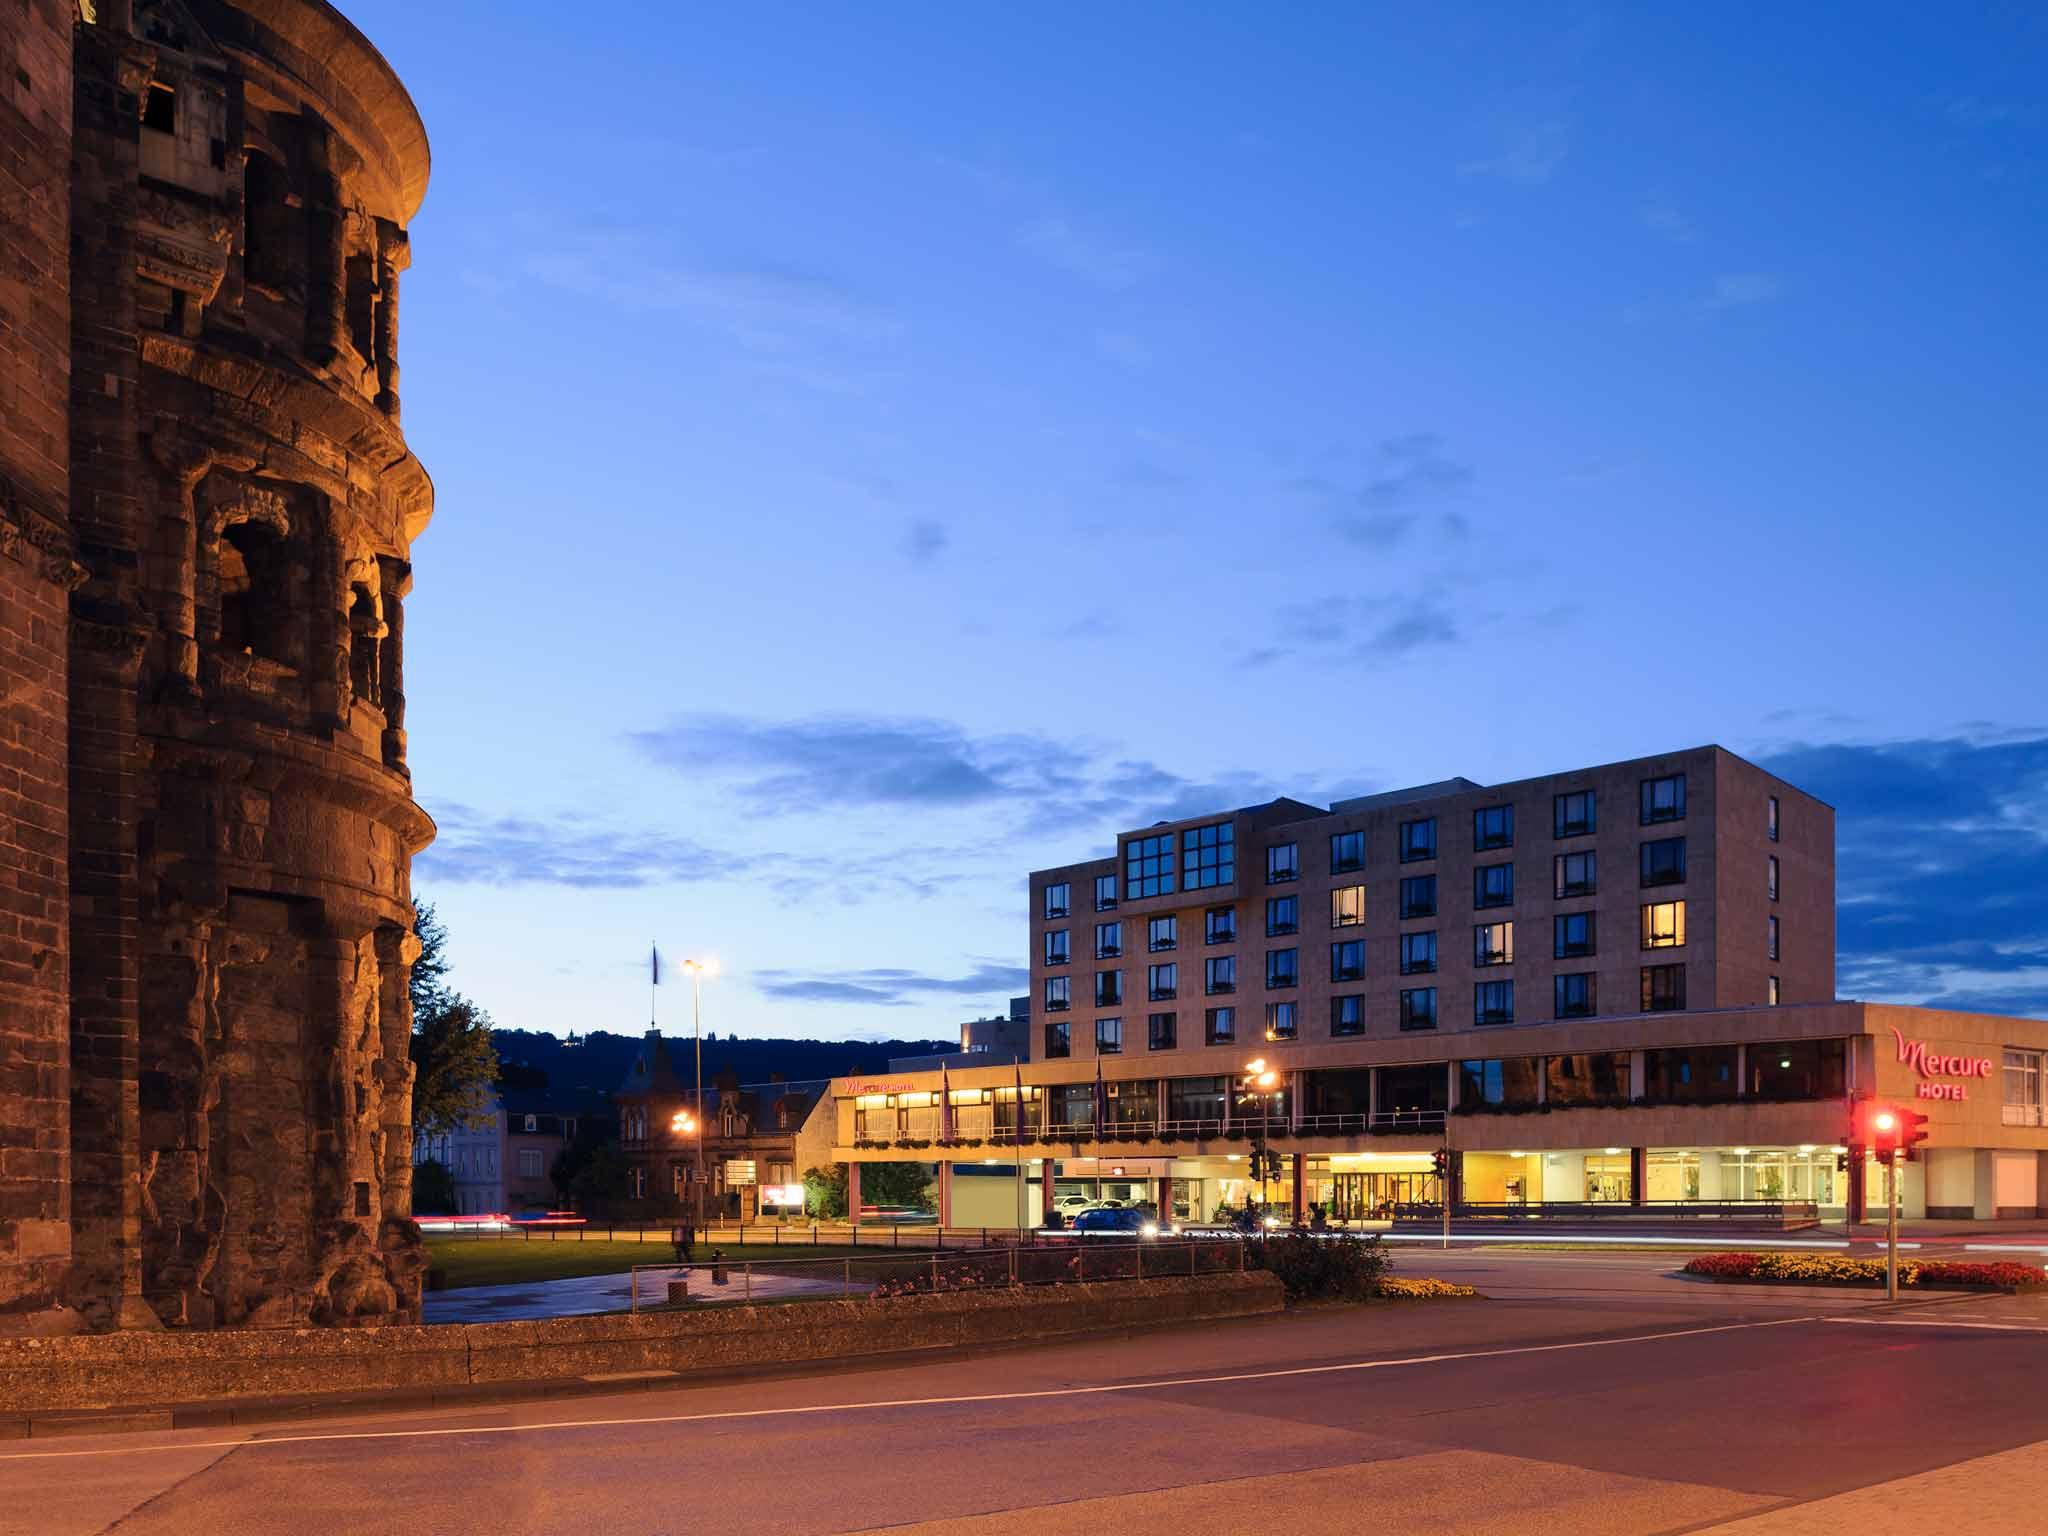 Mercure Hotel Trier Porta Nigra 外景